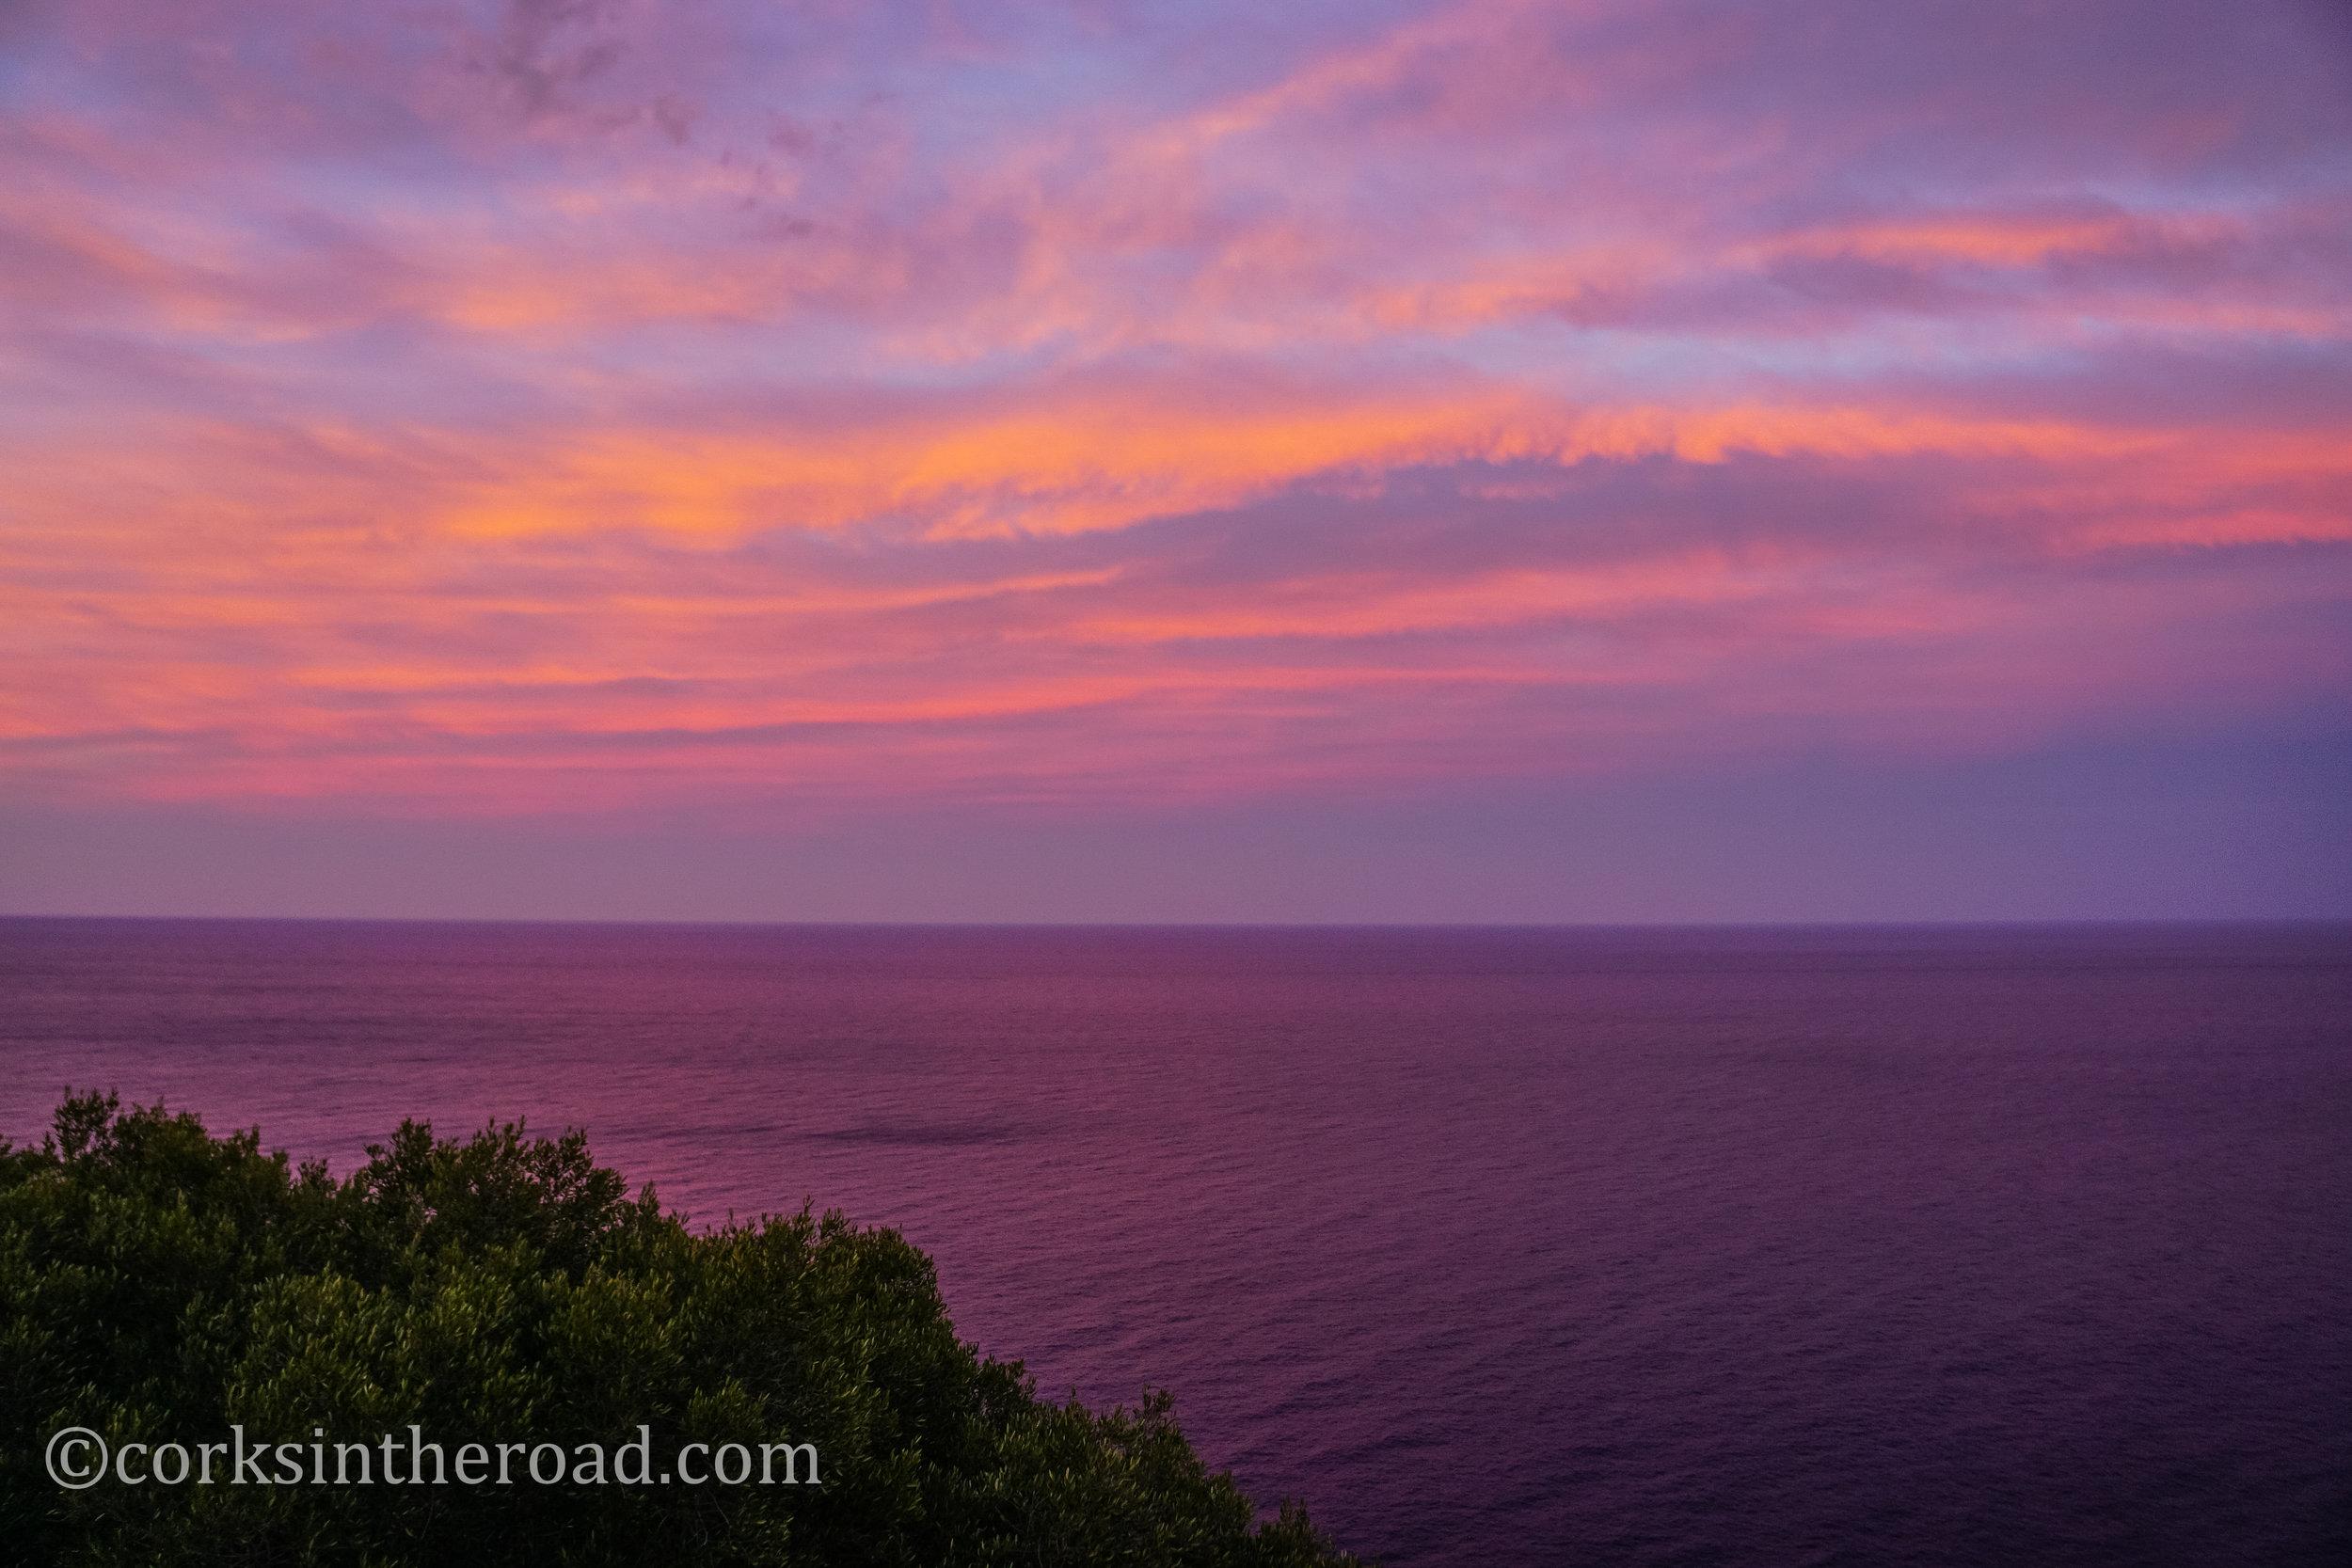 20160810Barcelona, Corksintheroad, Costa Brava, Costa Brava Landscape, Restaurant El Far, Sunsets.jpg